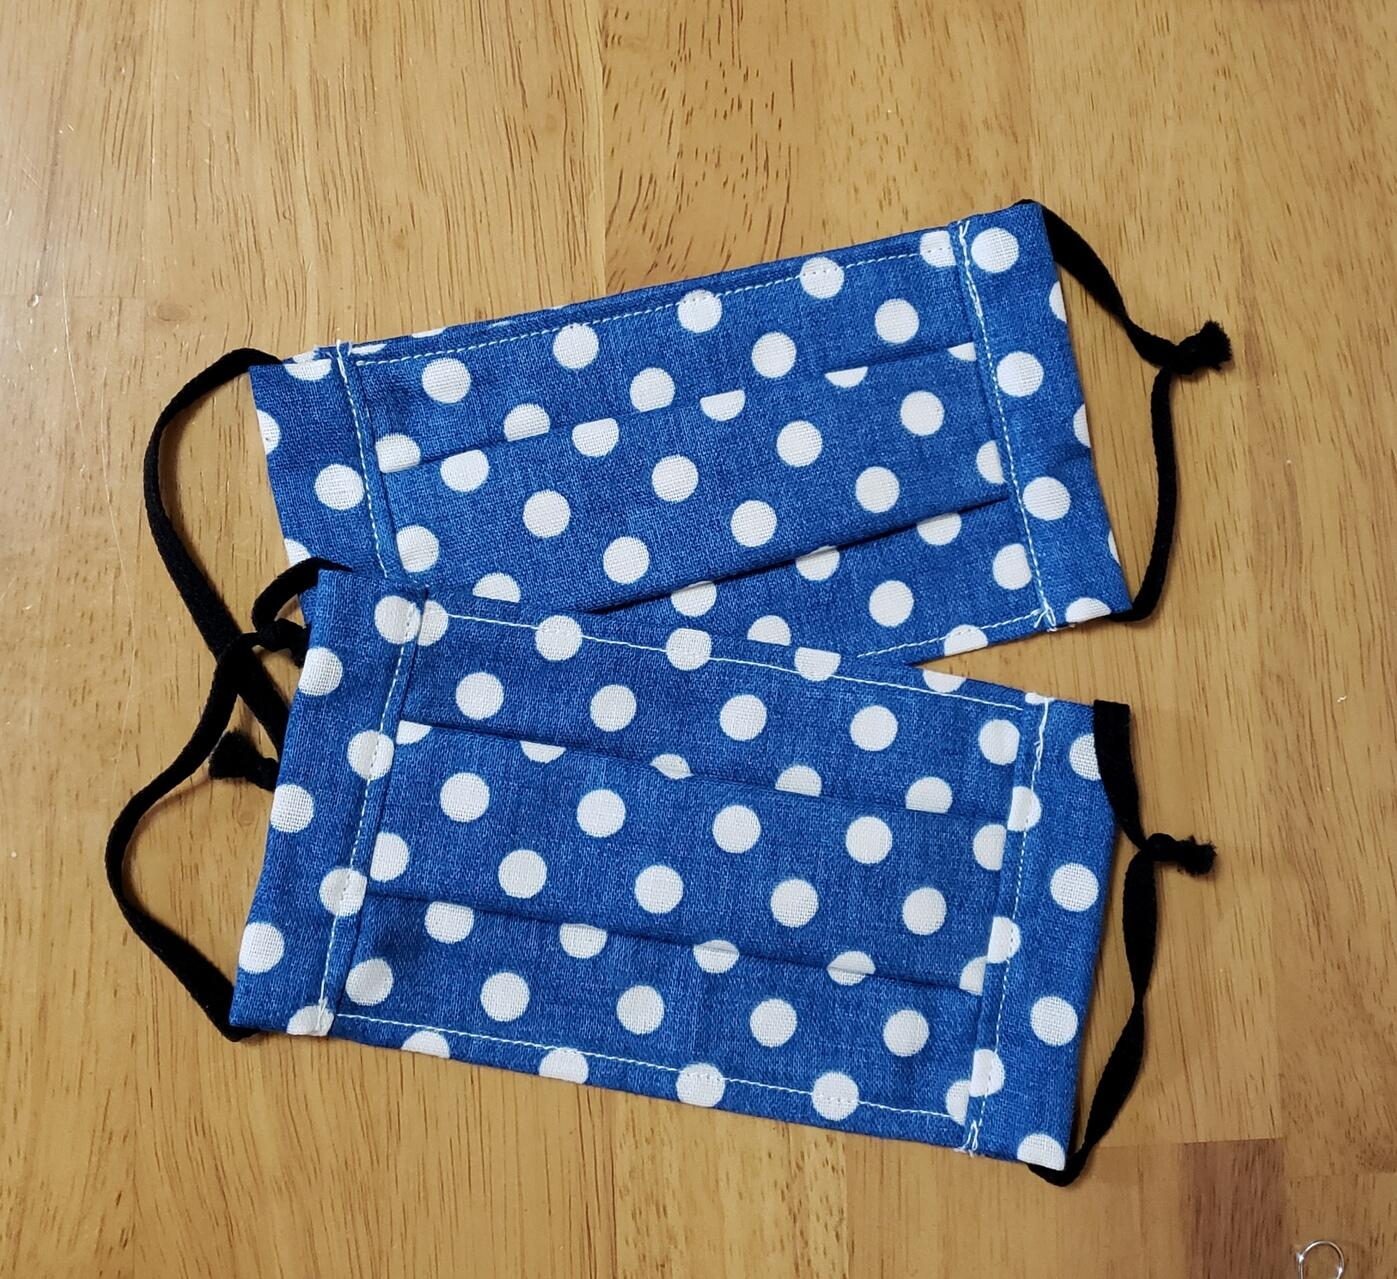 マスク用の手芸資材も手に入りにくい中、手作りの布マスク2枚もつけて販売する(サイズ約7センチ×14センチ)